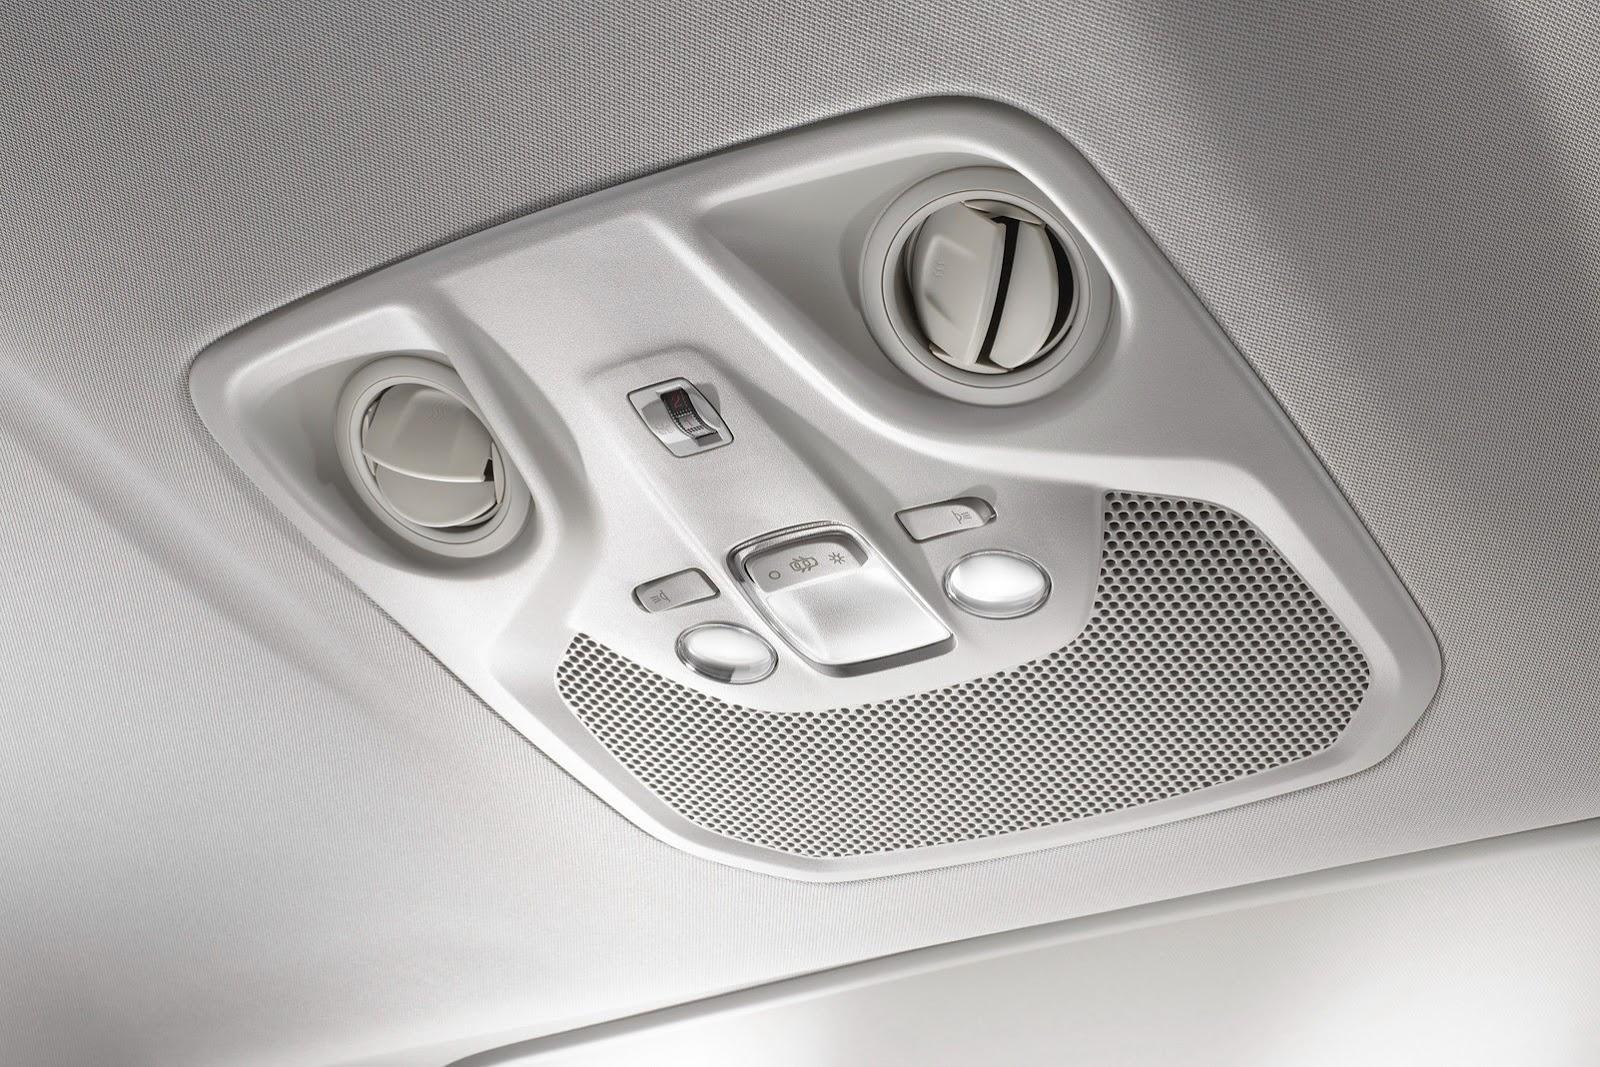 [SUJET OFFICIEL] Citroën Grand C4 Picasso II  - Page 4 Citroen-Grand-C4-Picasso-9%25255B2%25255D